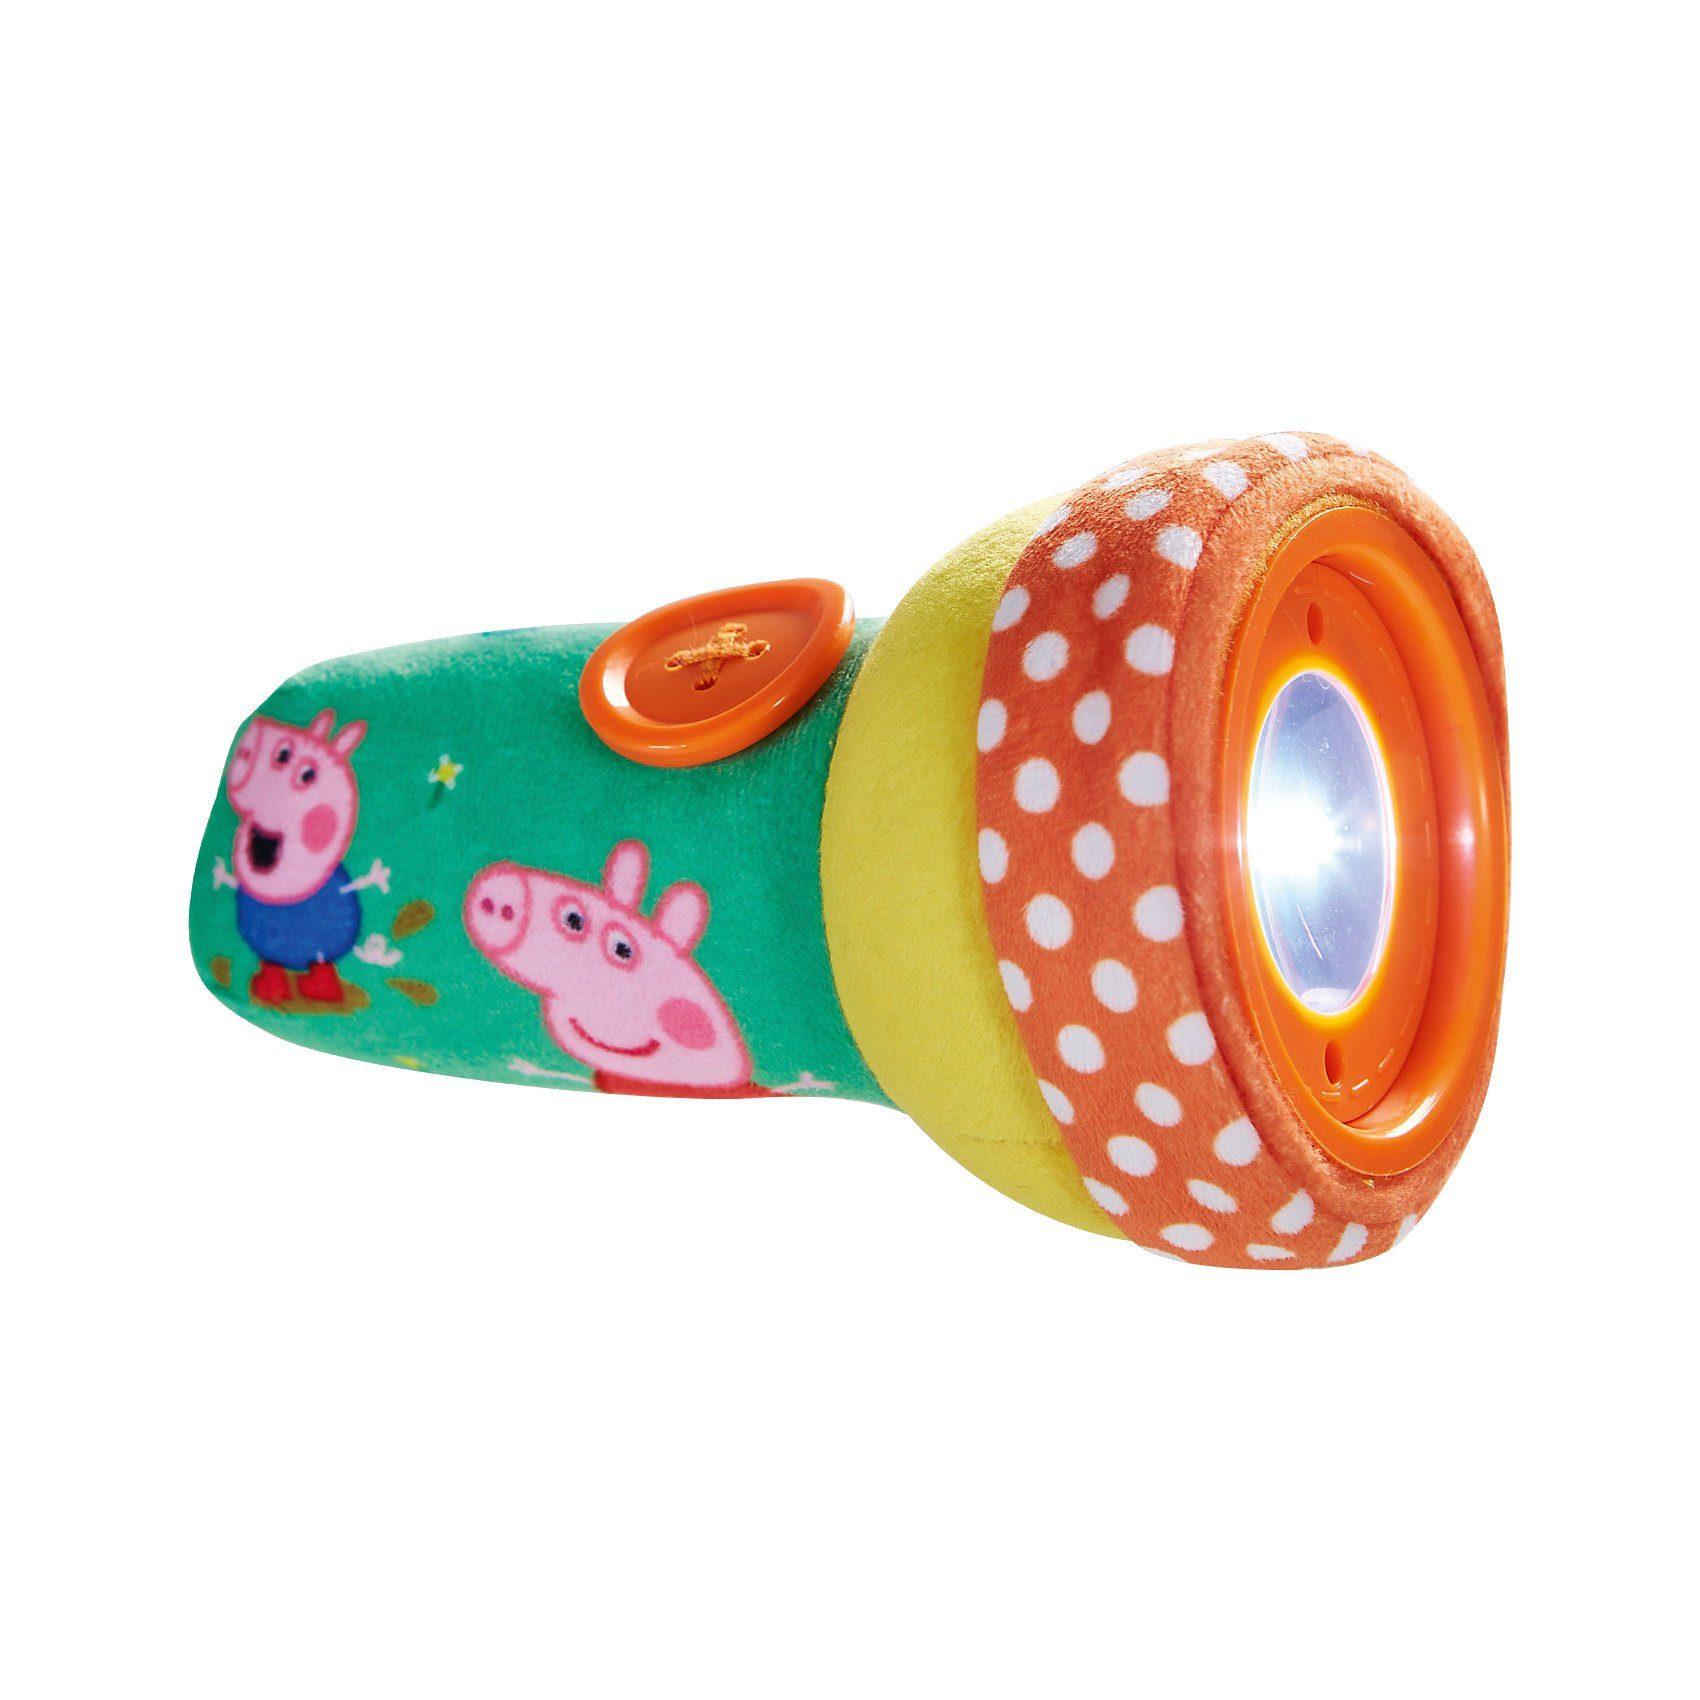 WORLDS APART Soft Taschenlampe, Peppa Pig